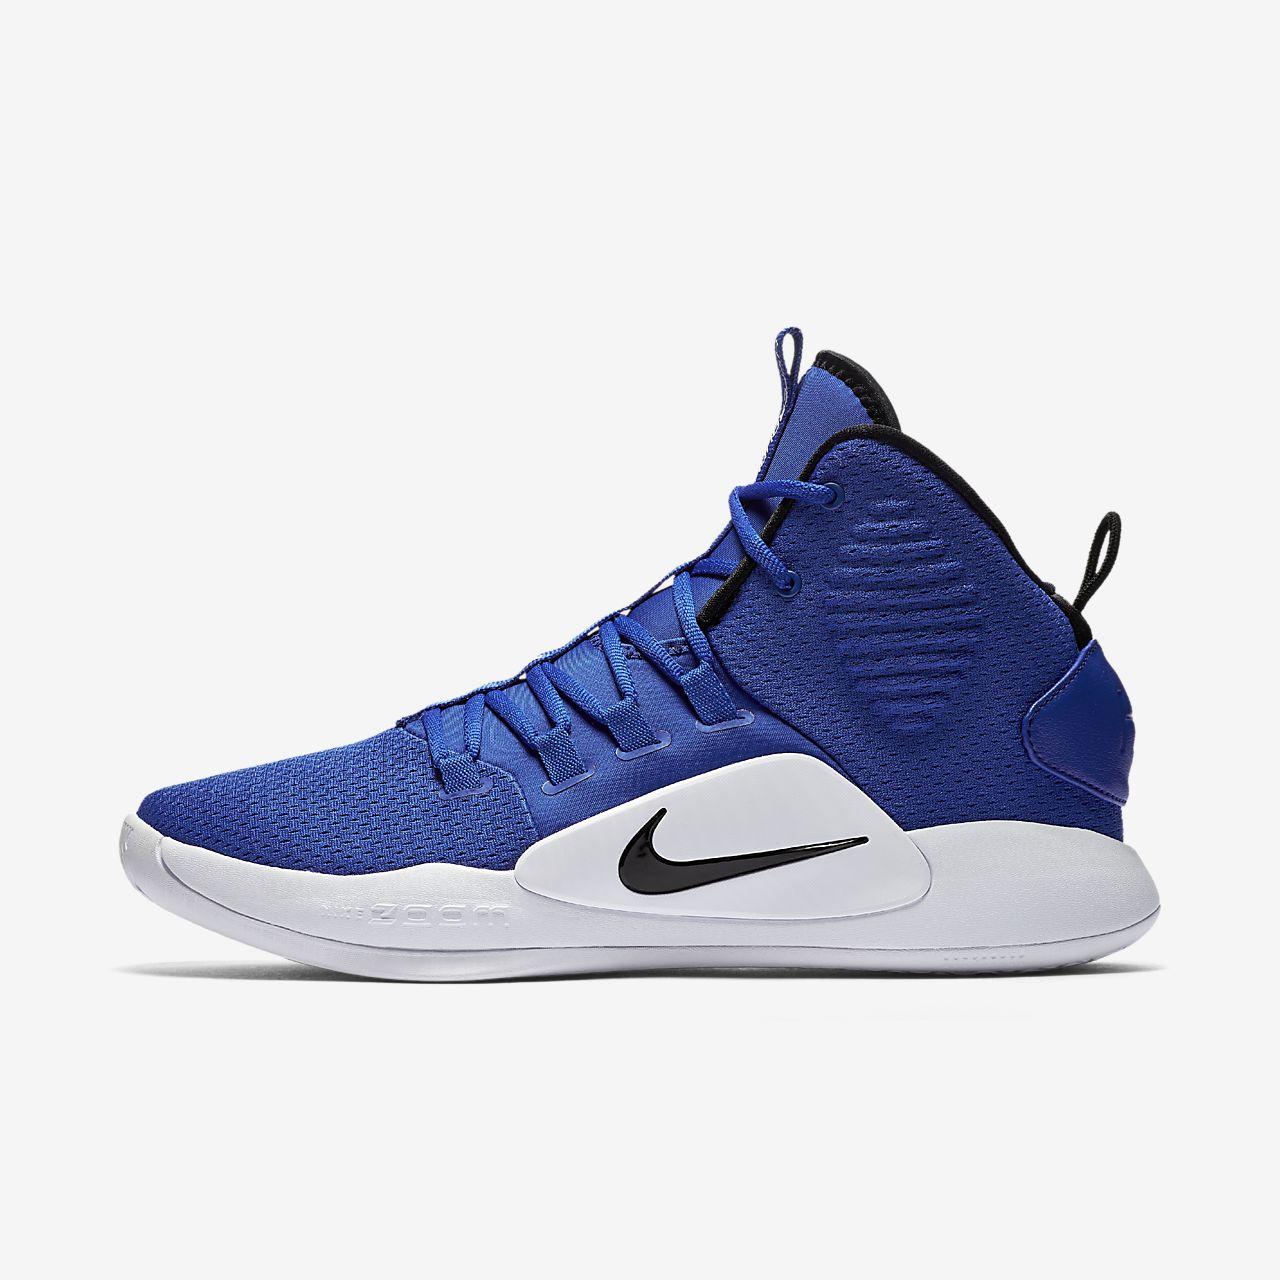 eb1cee4574e2 Nike Hyperdunk X TB Basketball Shoe. Nike.com